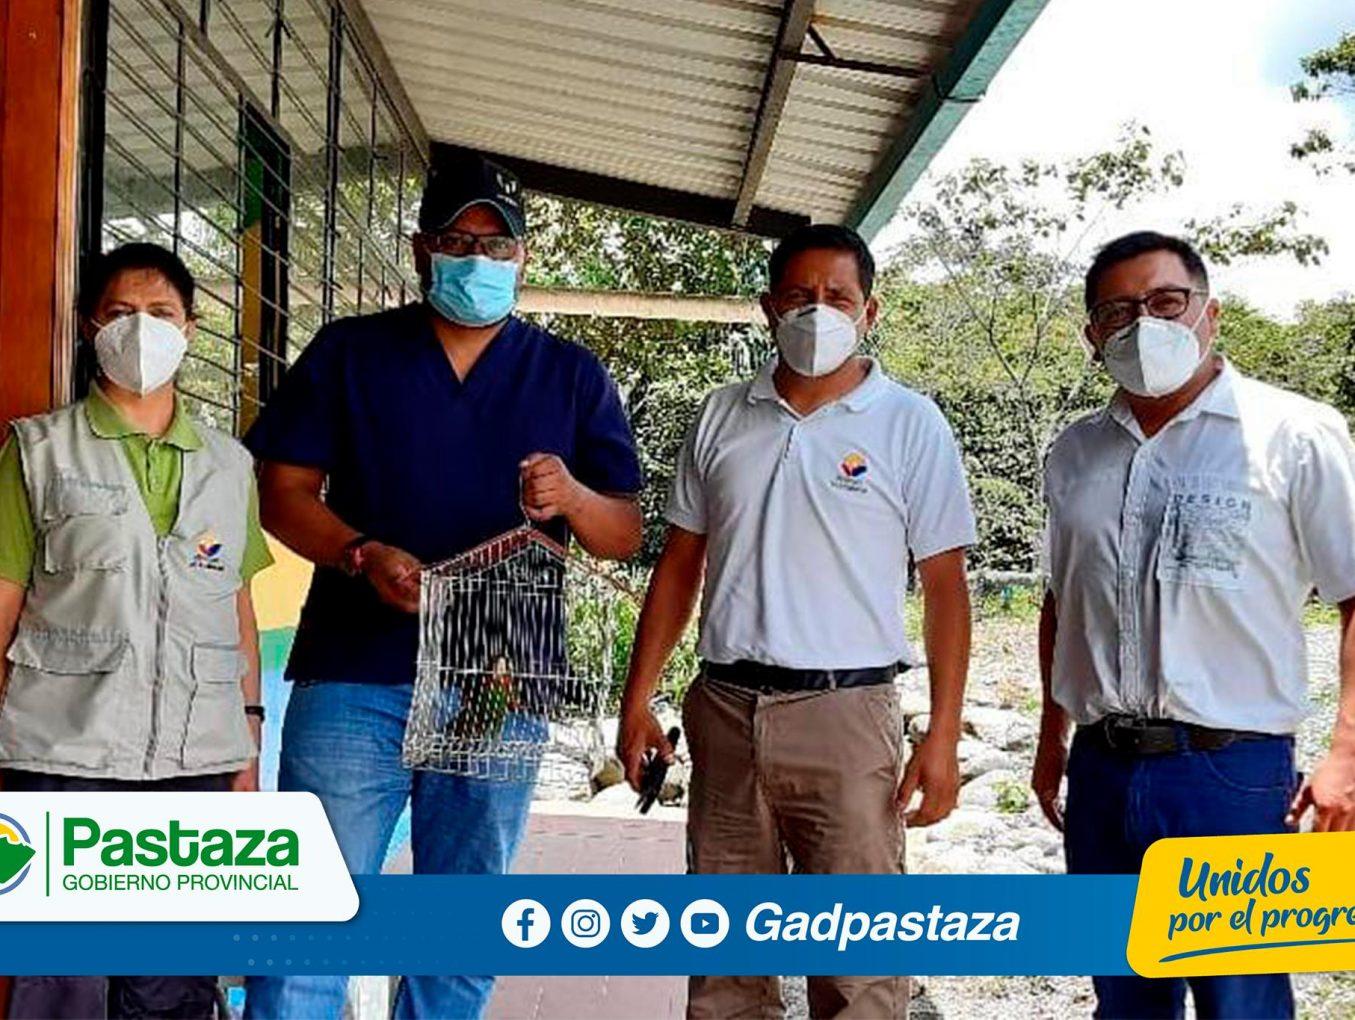 Realizamos trabajos de mantenimiento de nuestro Centro de Rehabilitación Pastaza Selva Viva